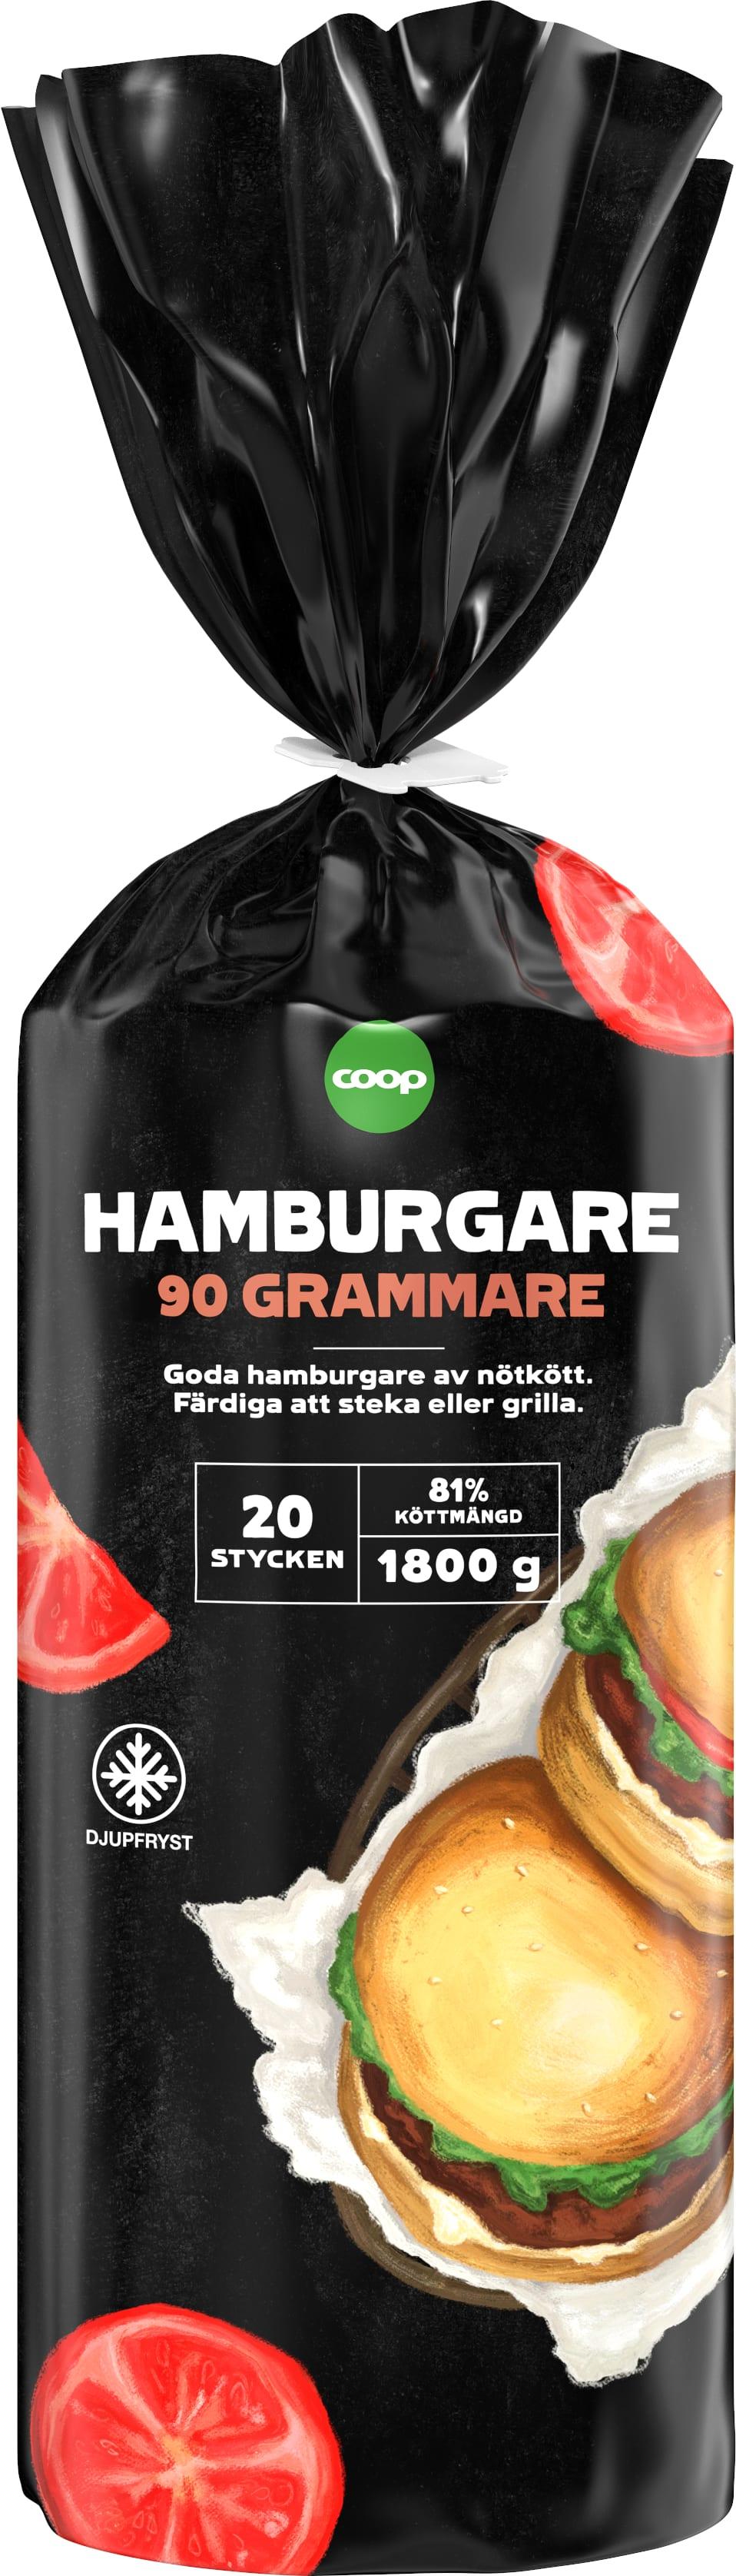 bästa frysta hamburgaren